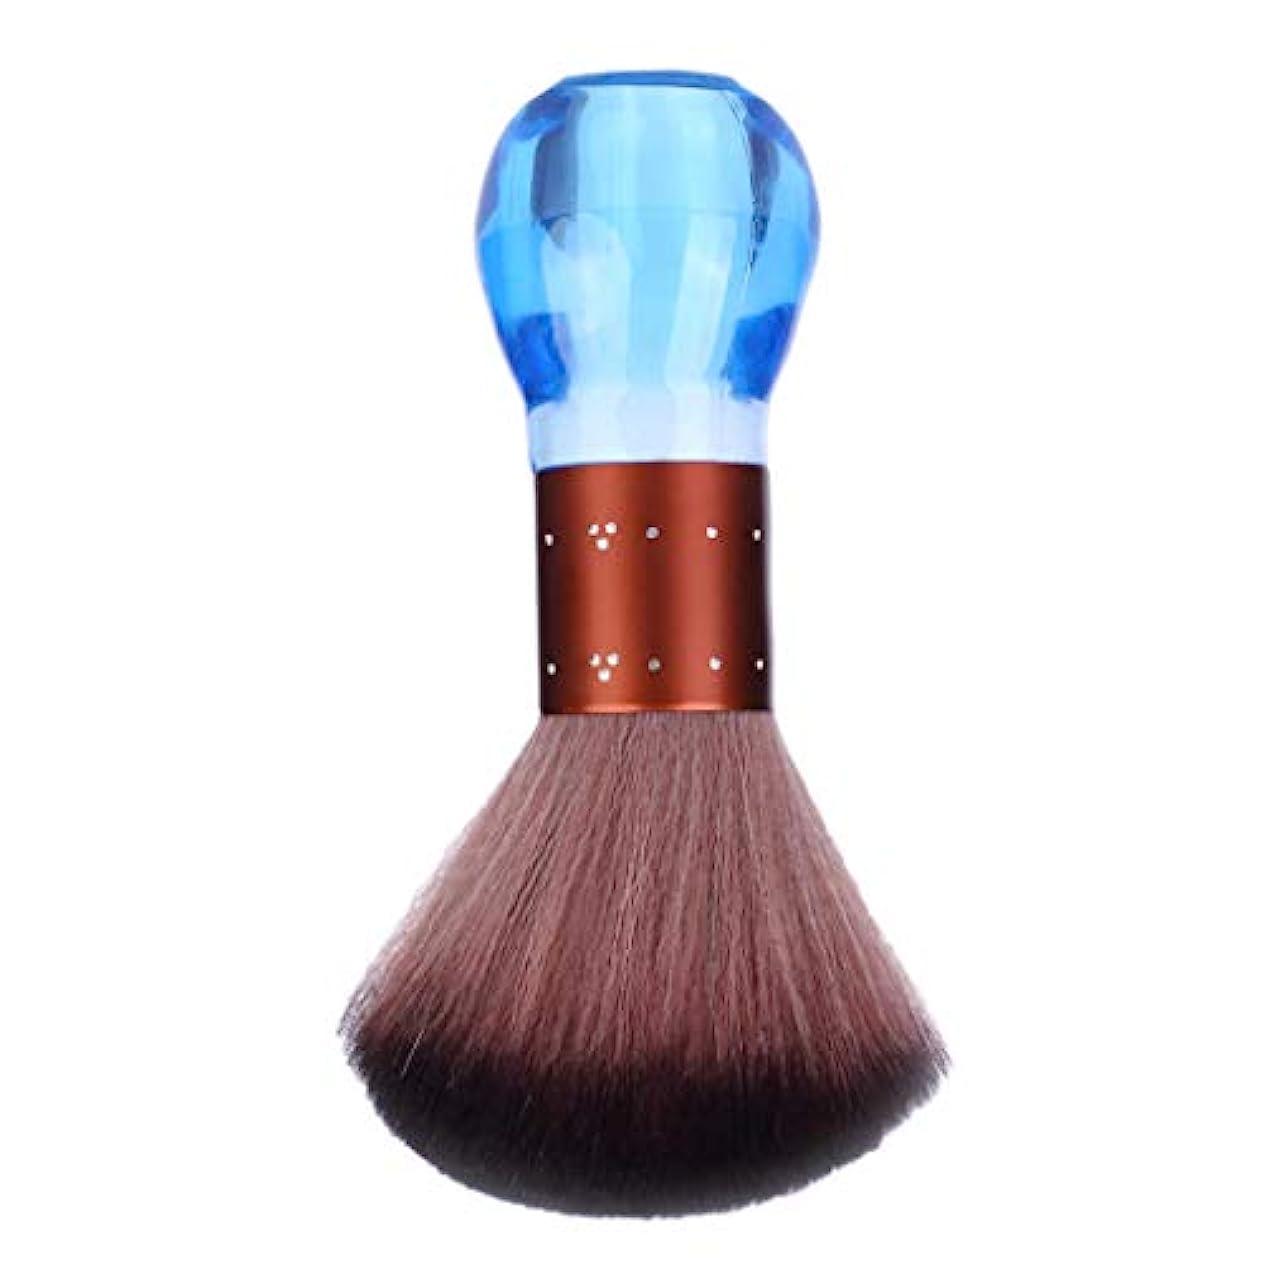 引っ張る抽象化小切手CUTICATE ヘアカットブラシネックダスター洗浄理髪美容掃除ヘアブラシ